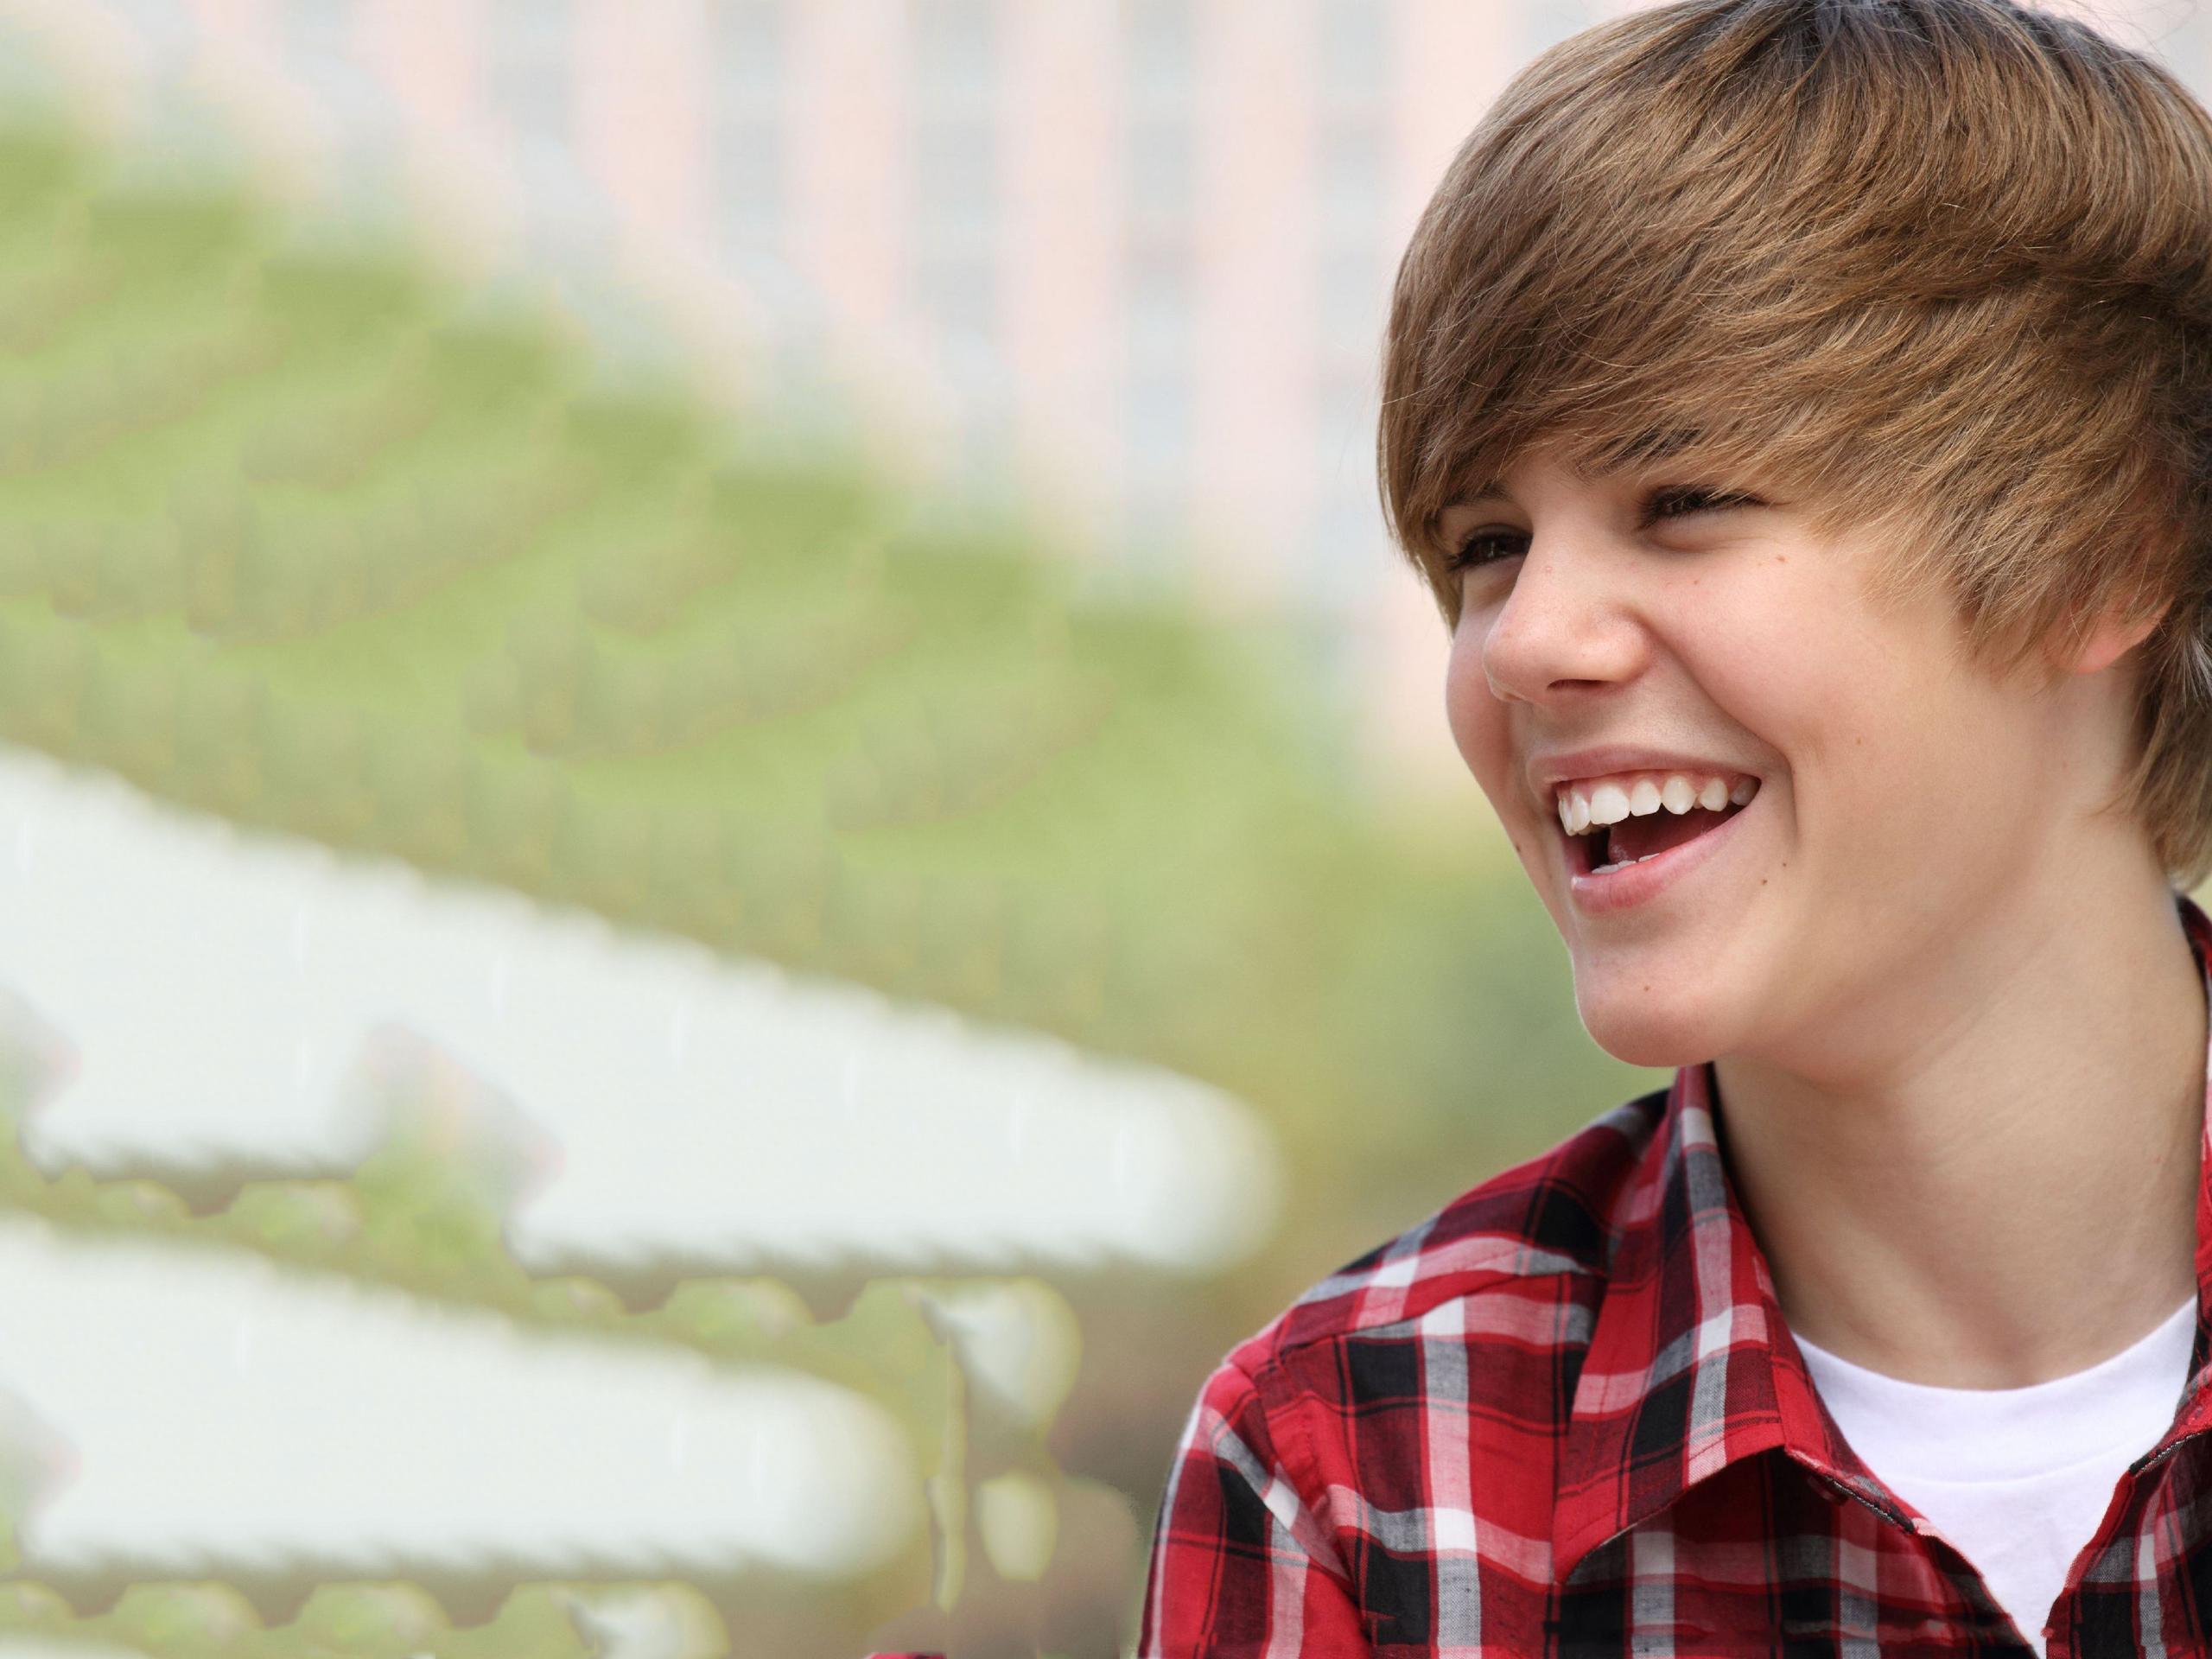 Justin Bieber at Easter Egg